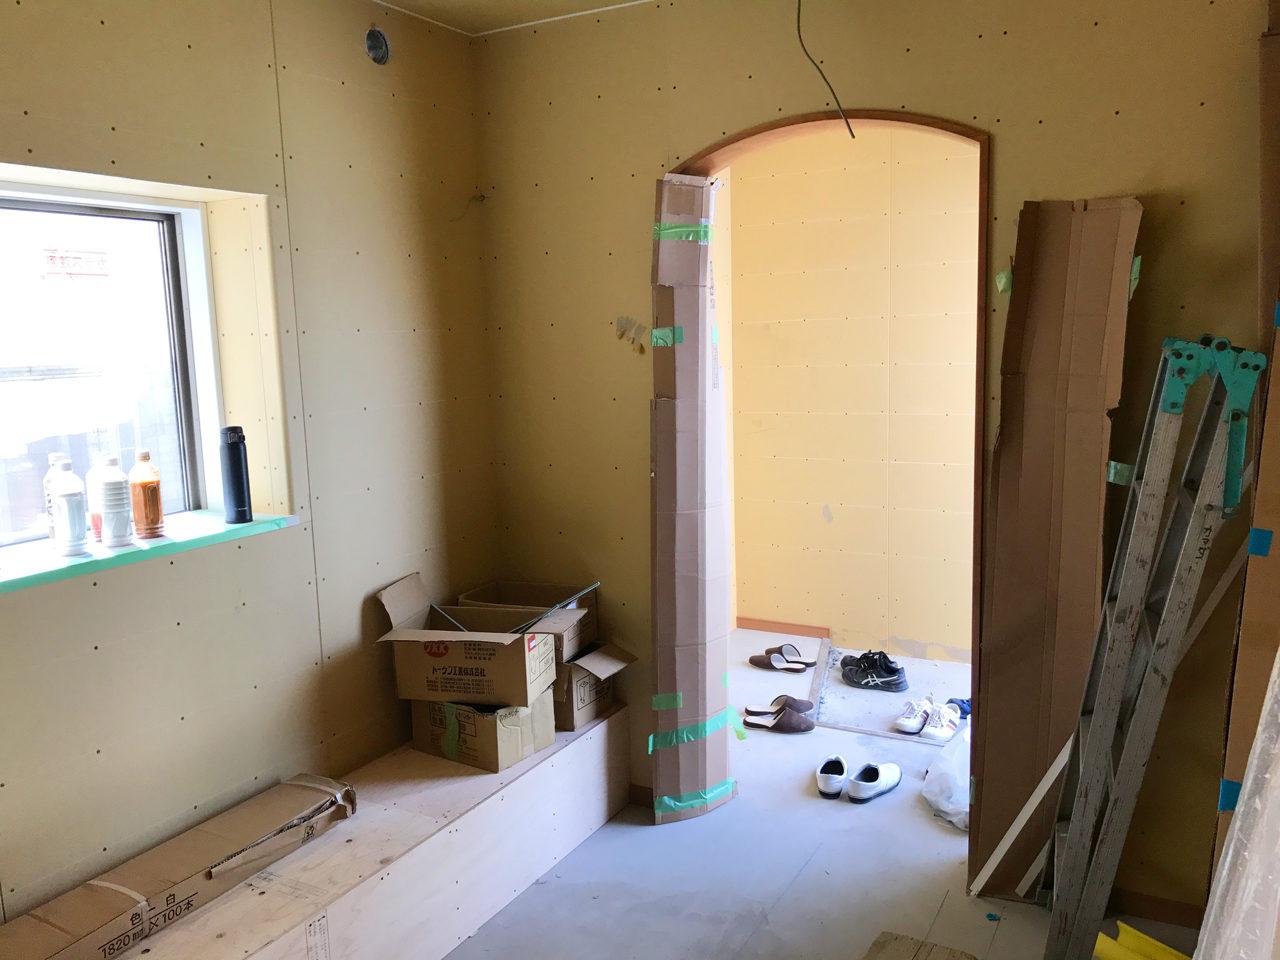 店舗(鍼灸接骨院)付き住宅の待合室とバリアフリー玄関